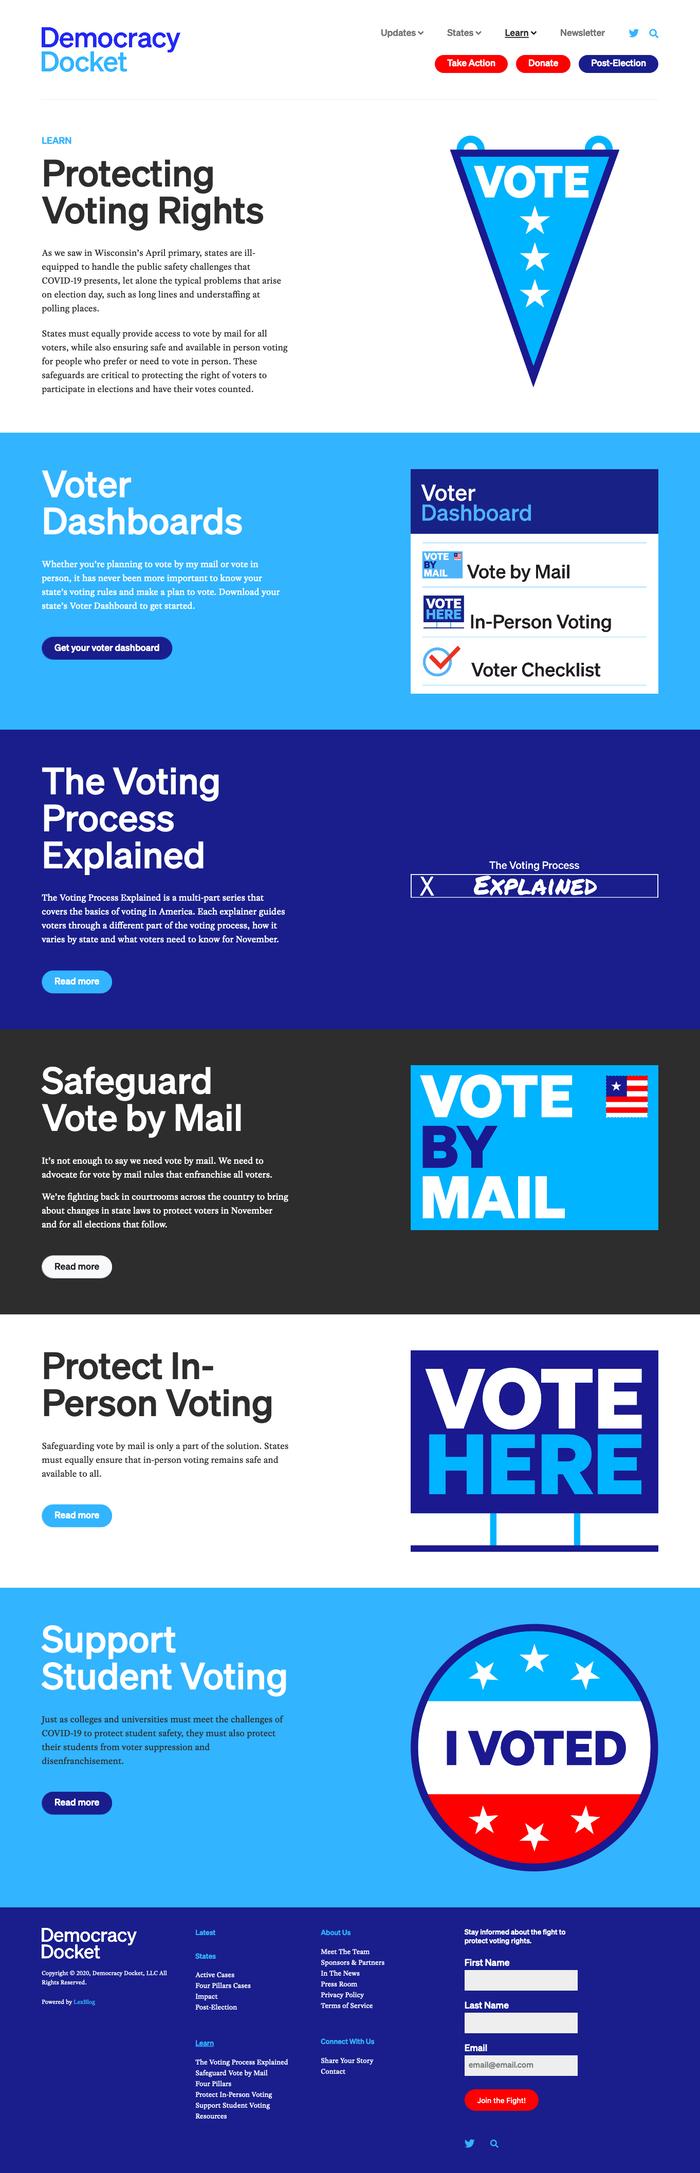 Democracy Docket website 7